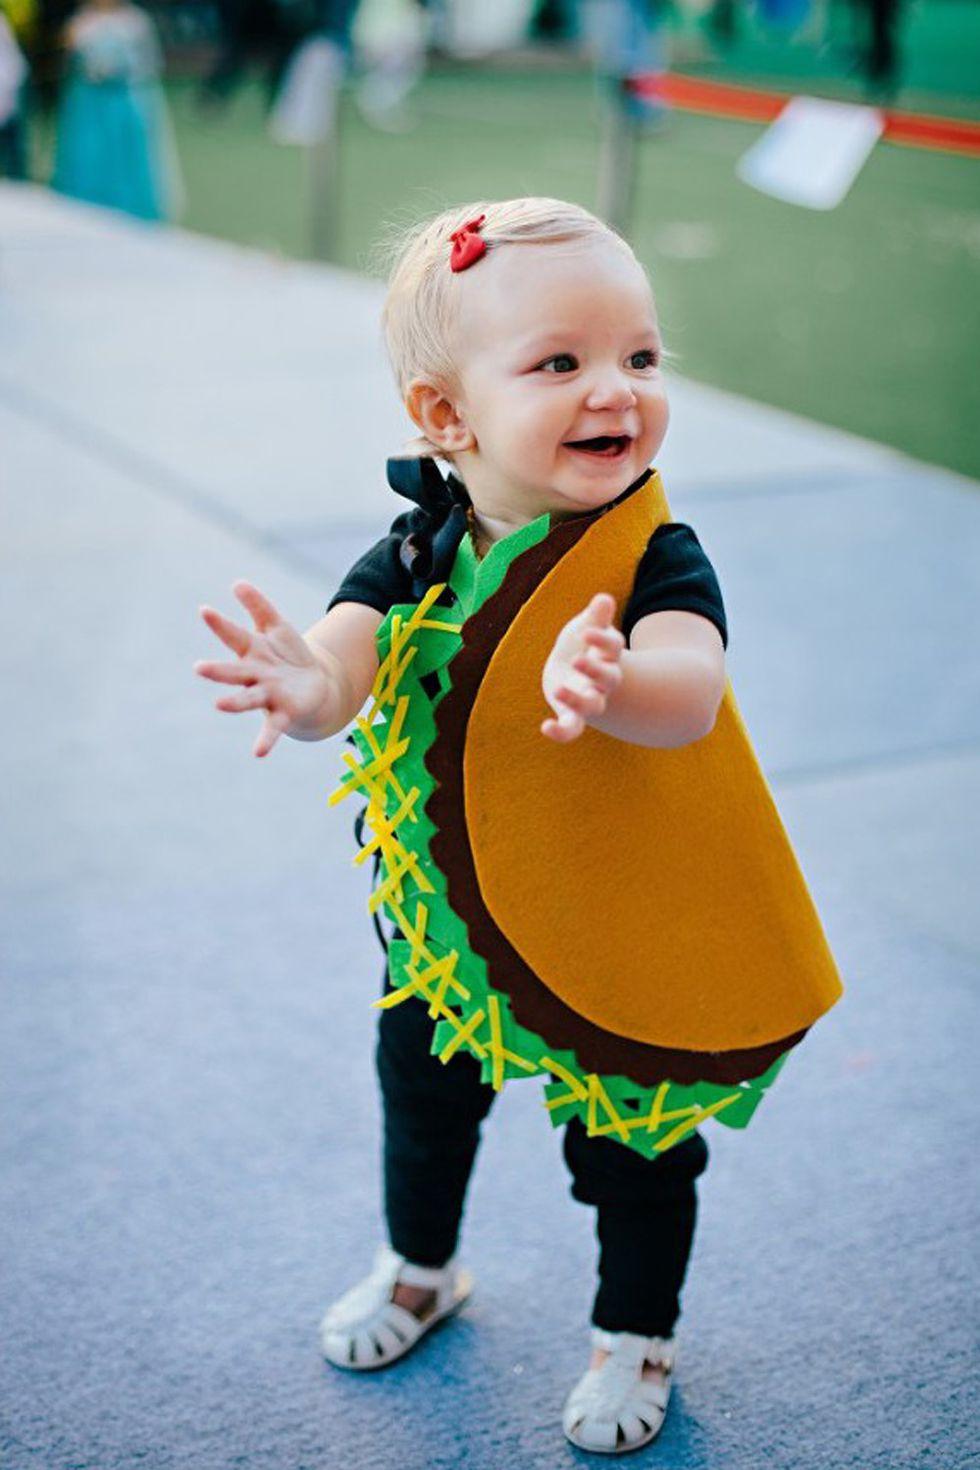 ideias fantasias halloween - 25 Ideias de disfarces de Halloween para bebes e crianças